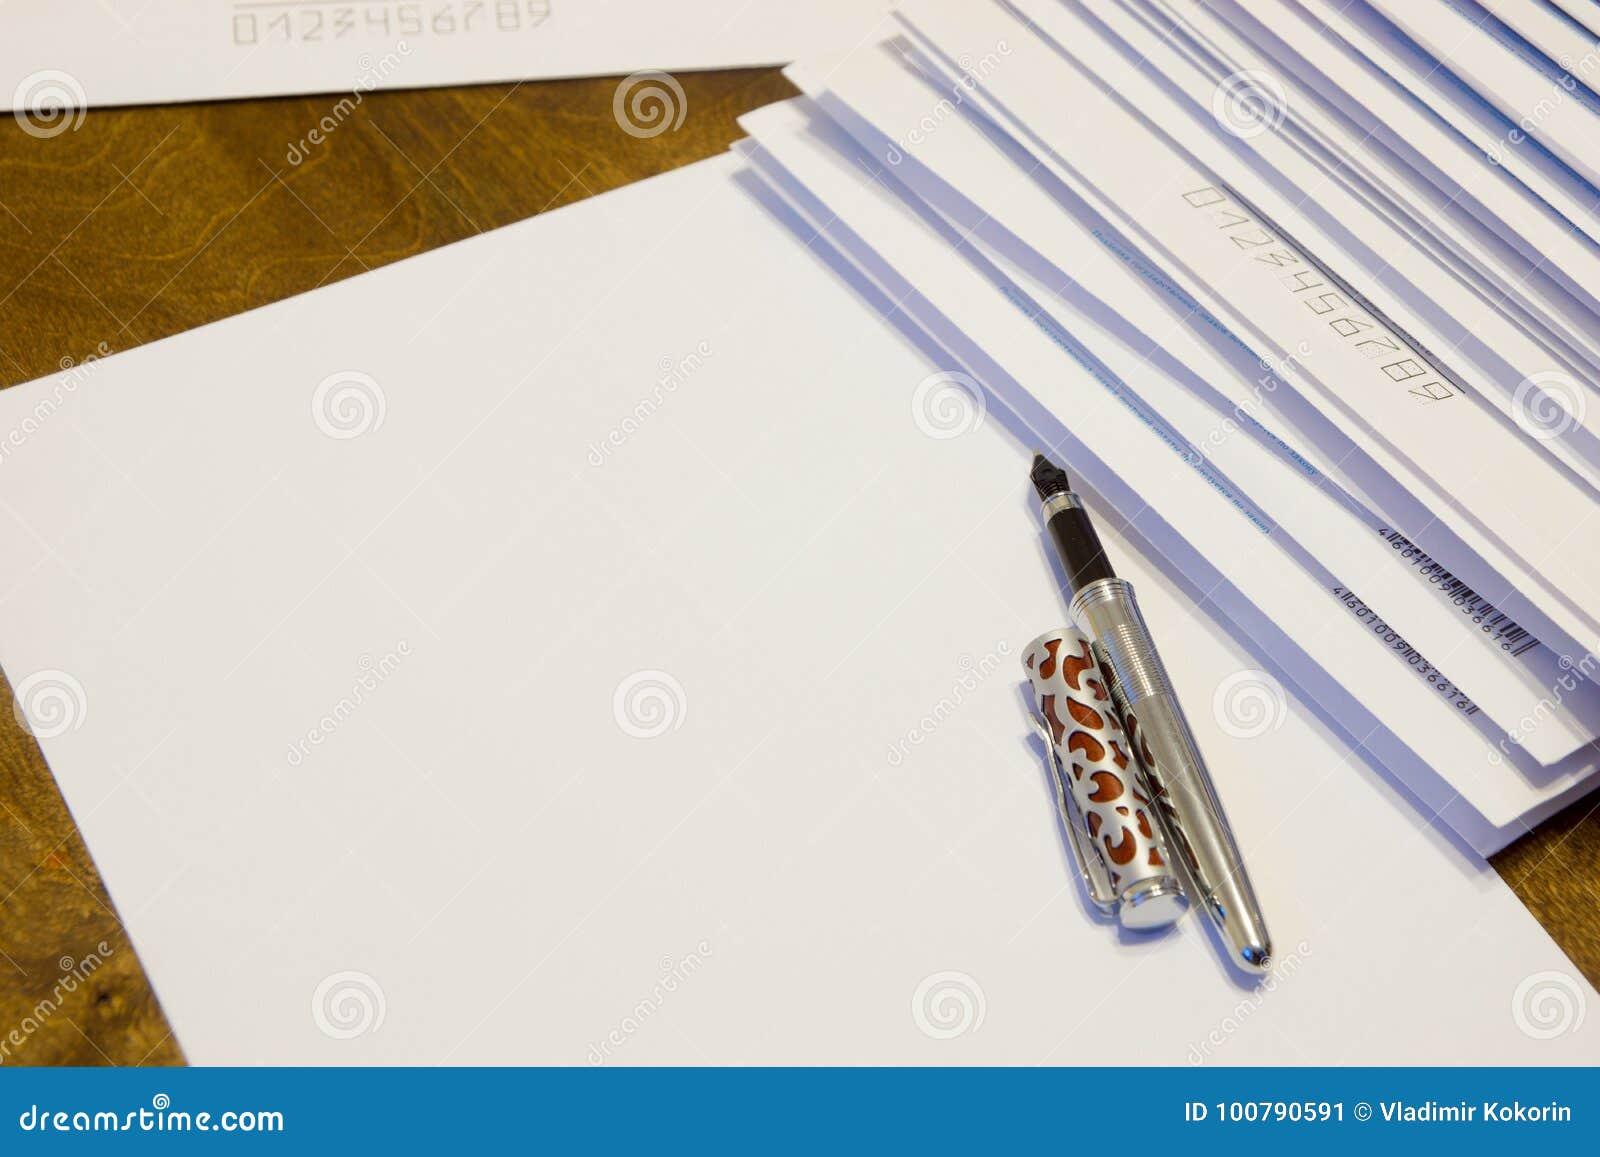 Για να γράψει μια επιστολή σε χαρτί Ένας σωρός των επιστολών στους φακέλους εγγράφου